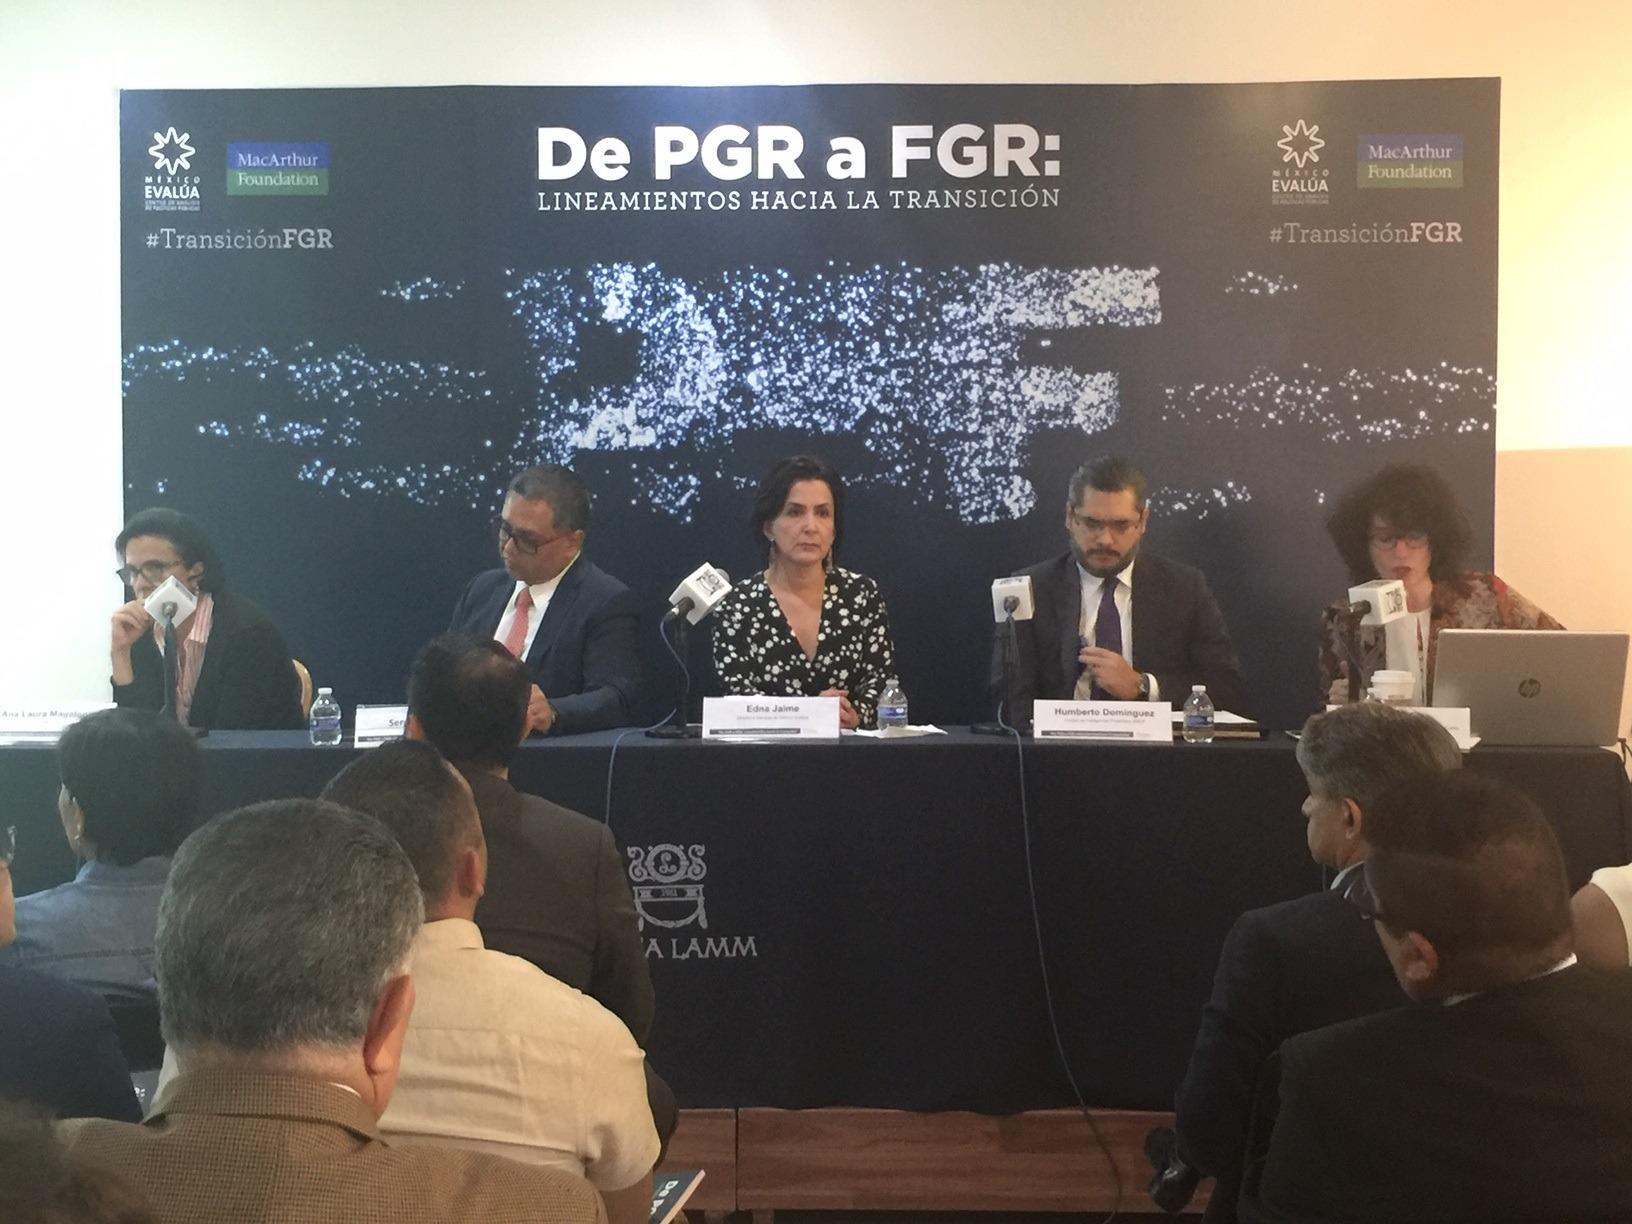 FGR tardará 13 años en resolver el rezago de transición: México Evalúa